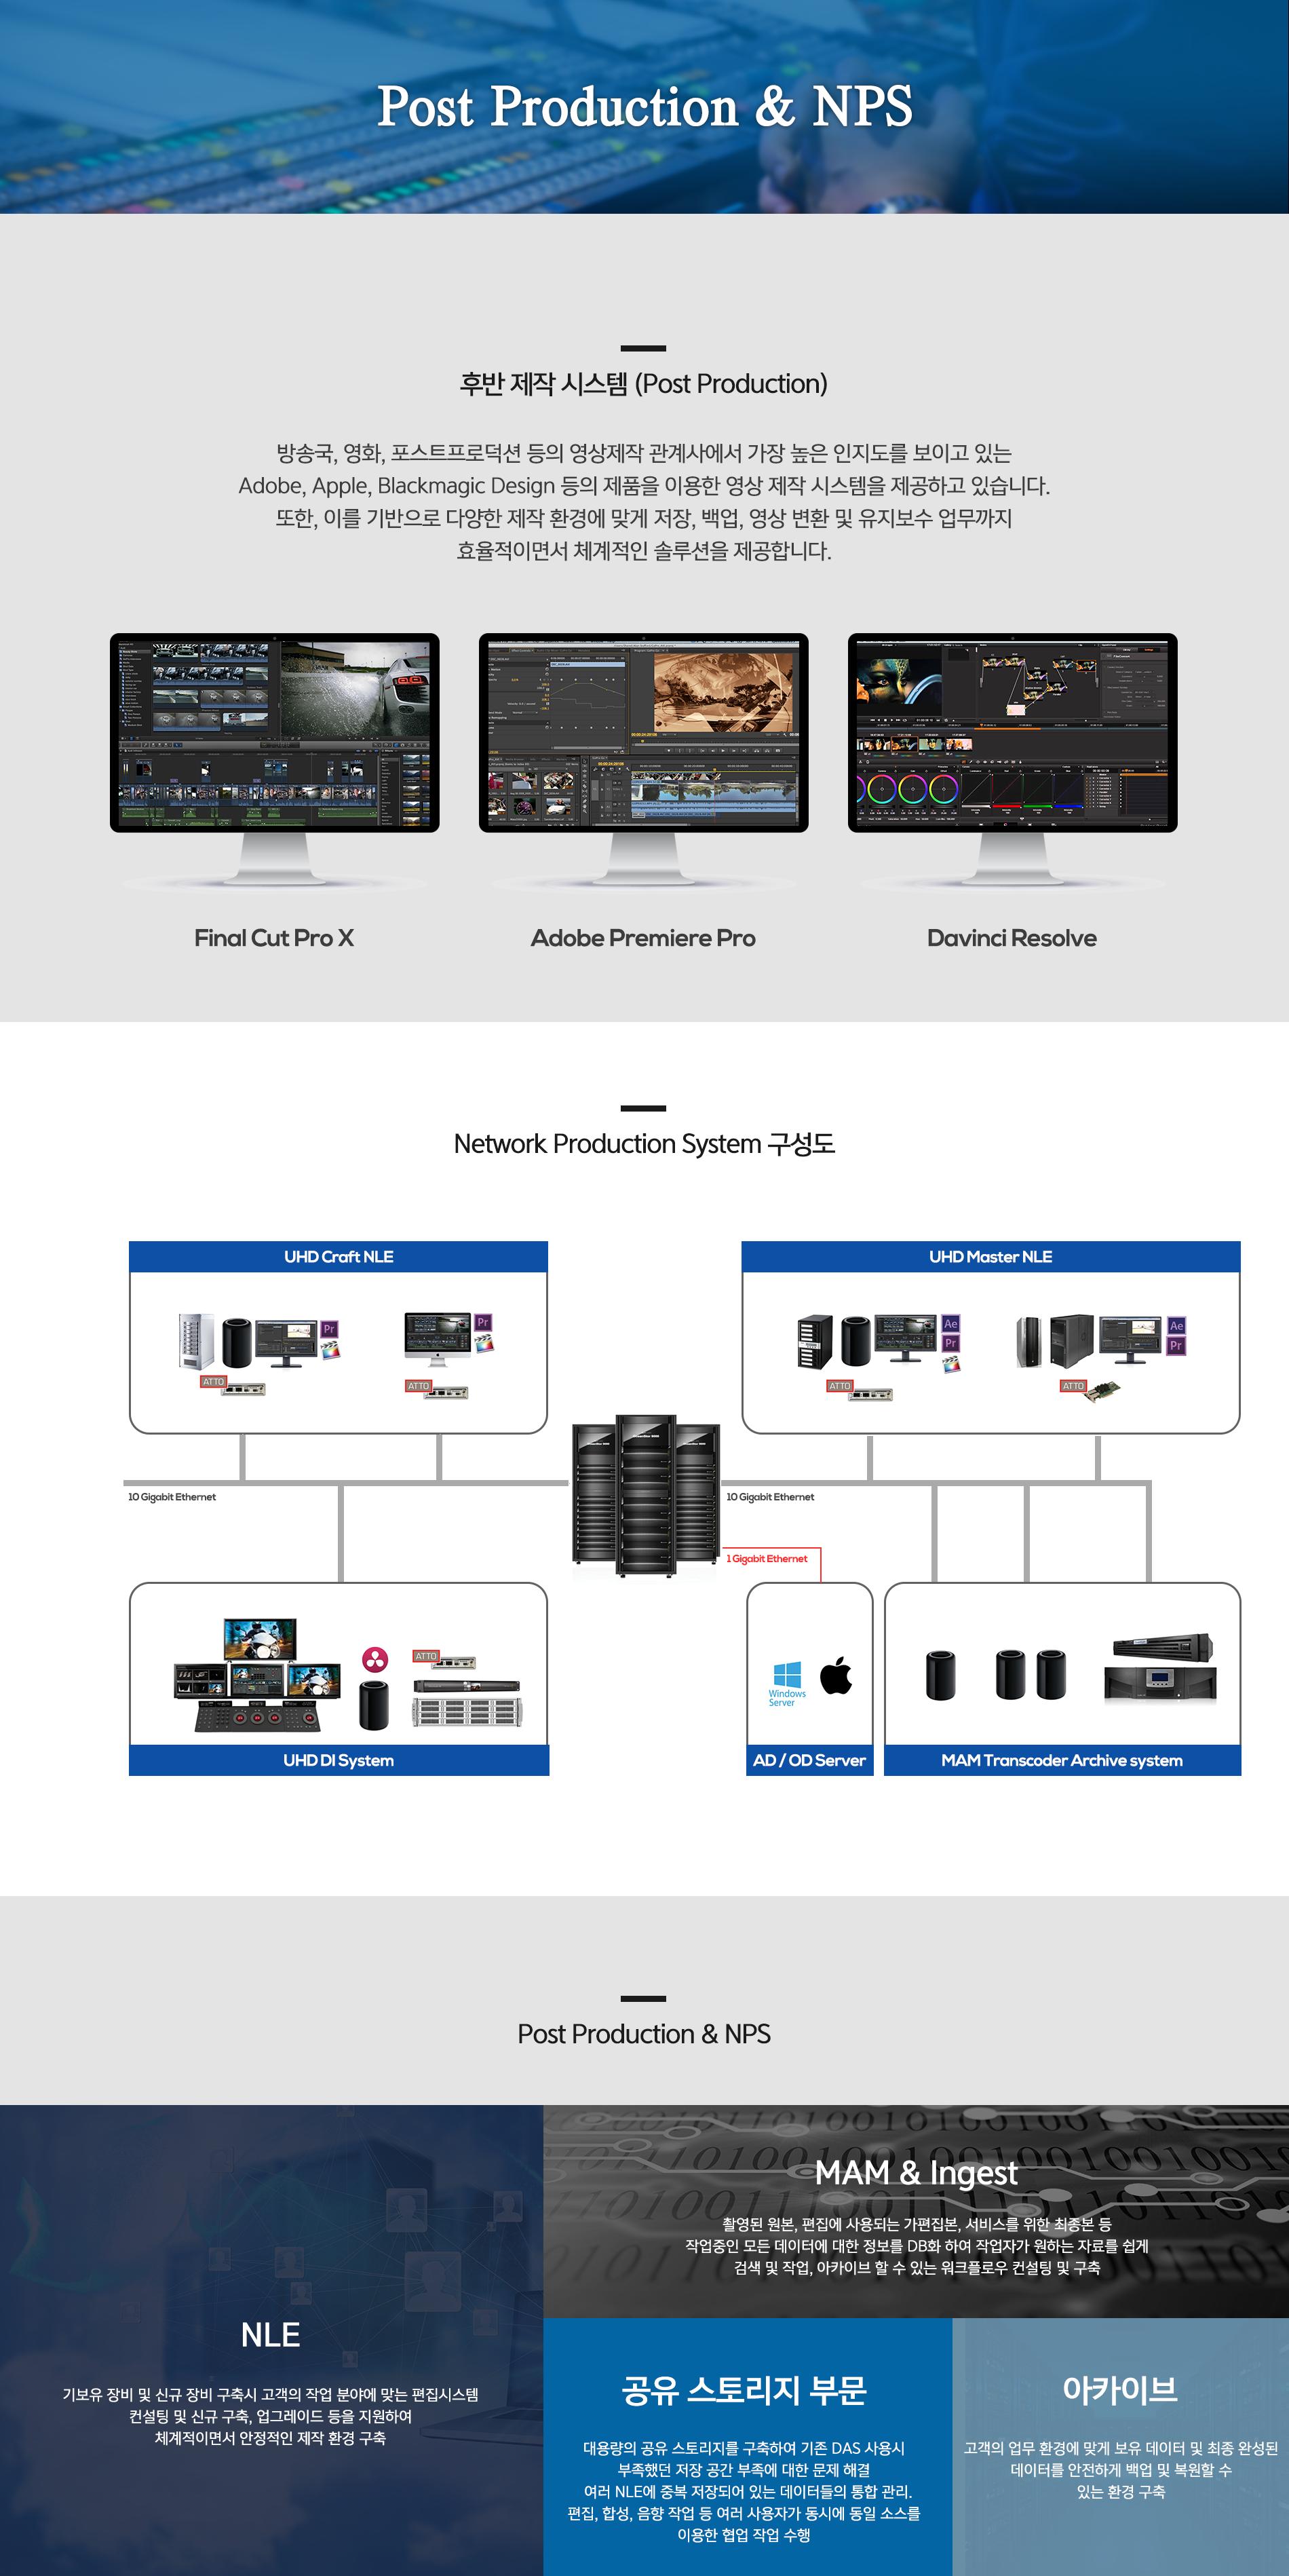 후반 제작 시스템 (Post Production) 방송국, 영화, 포스트프로덕션 등의 영상제작 관계사에서 가장 높은 인지도를 보이고 있는 Adobe, Apple, Blackmagic